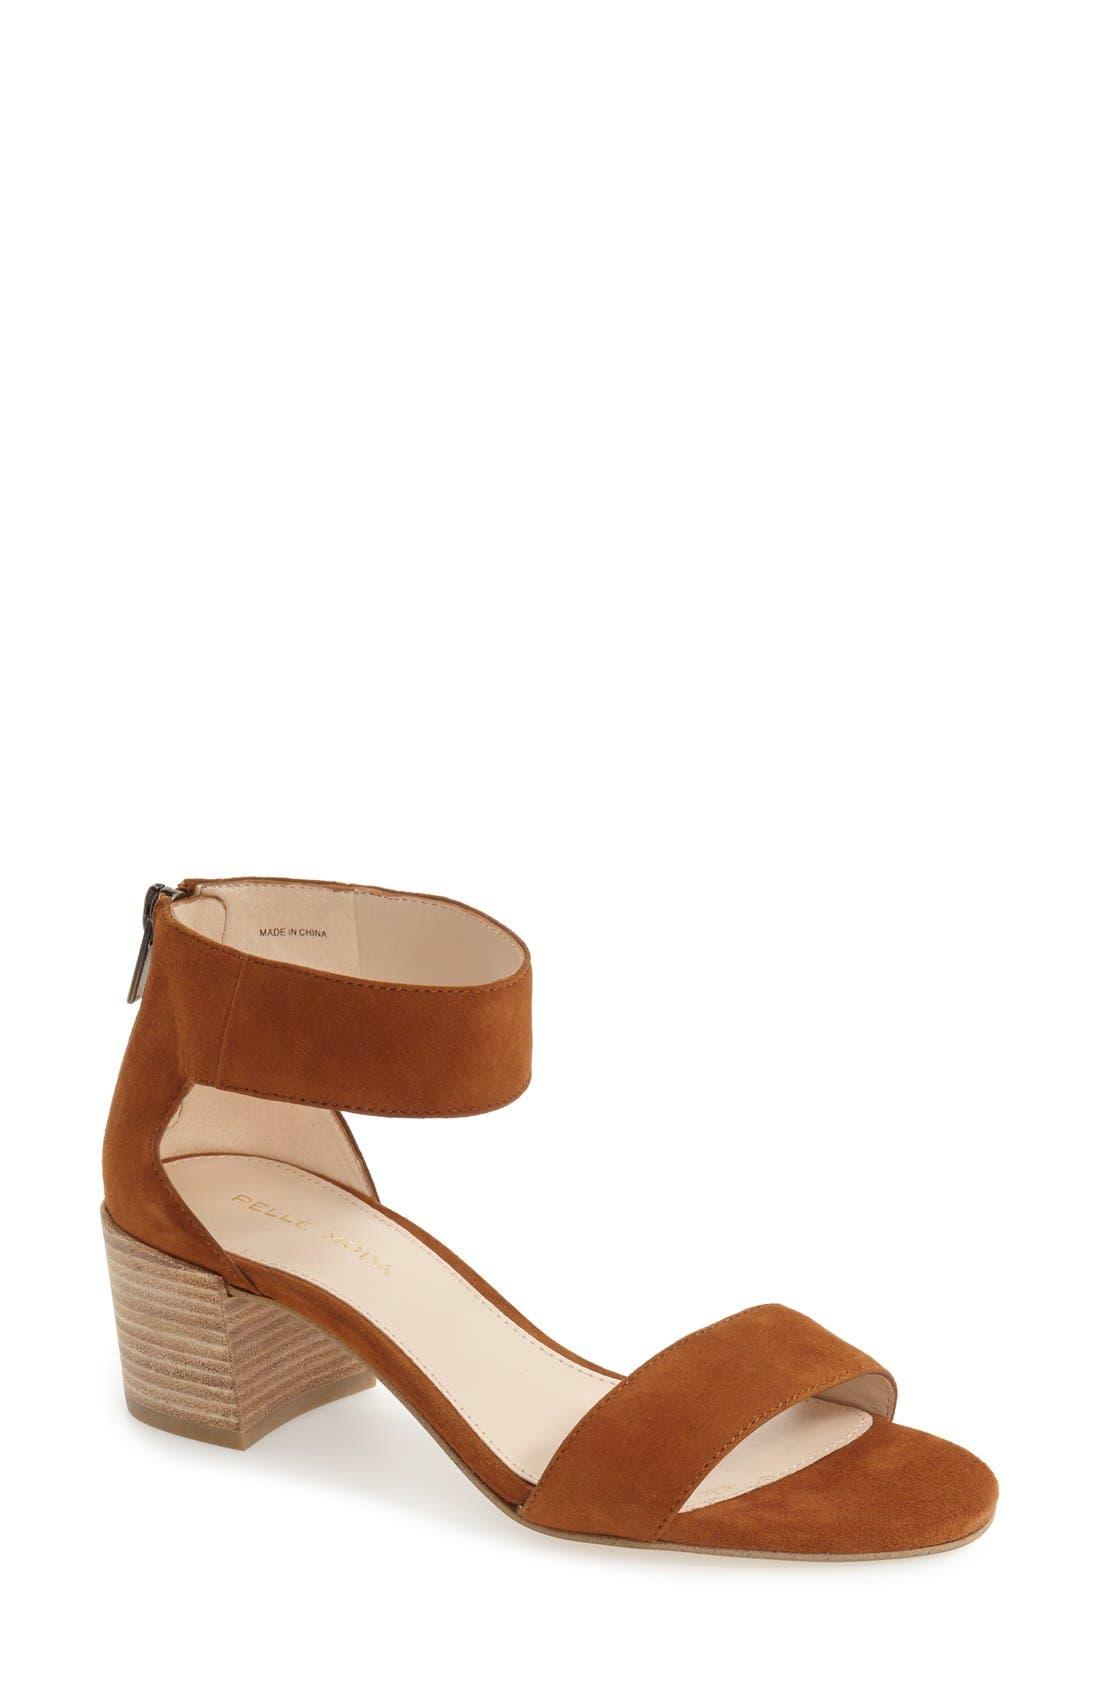 Pella Moda 'Urban' Block Heel Sandal,                             Main thumbnail 2, color,